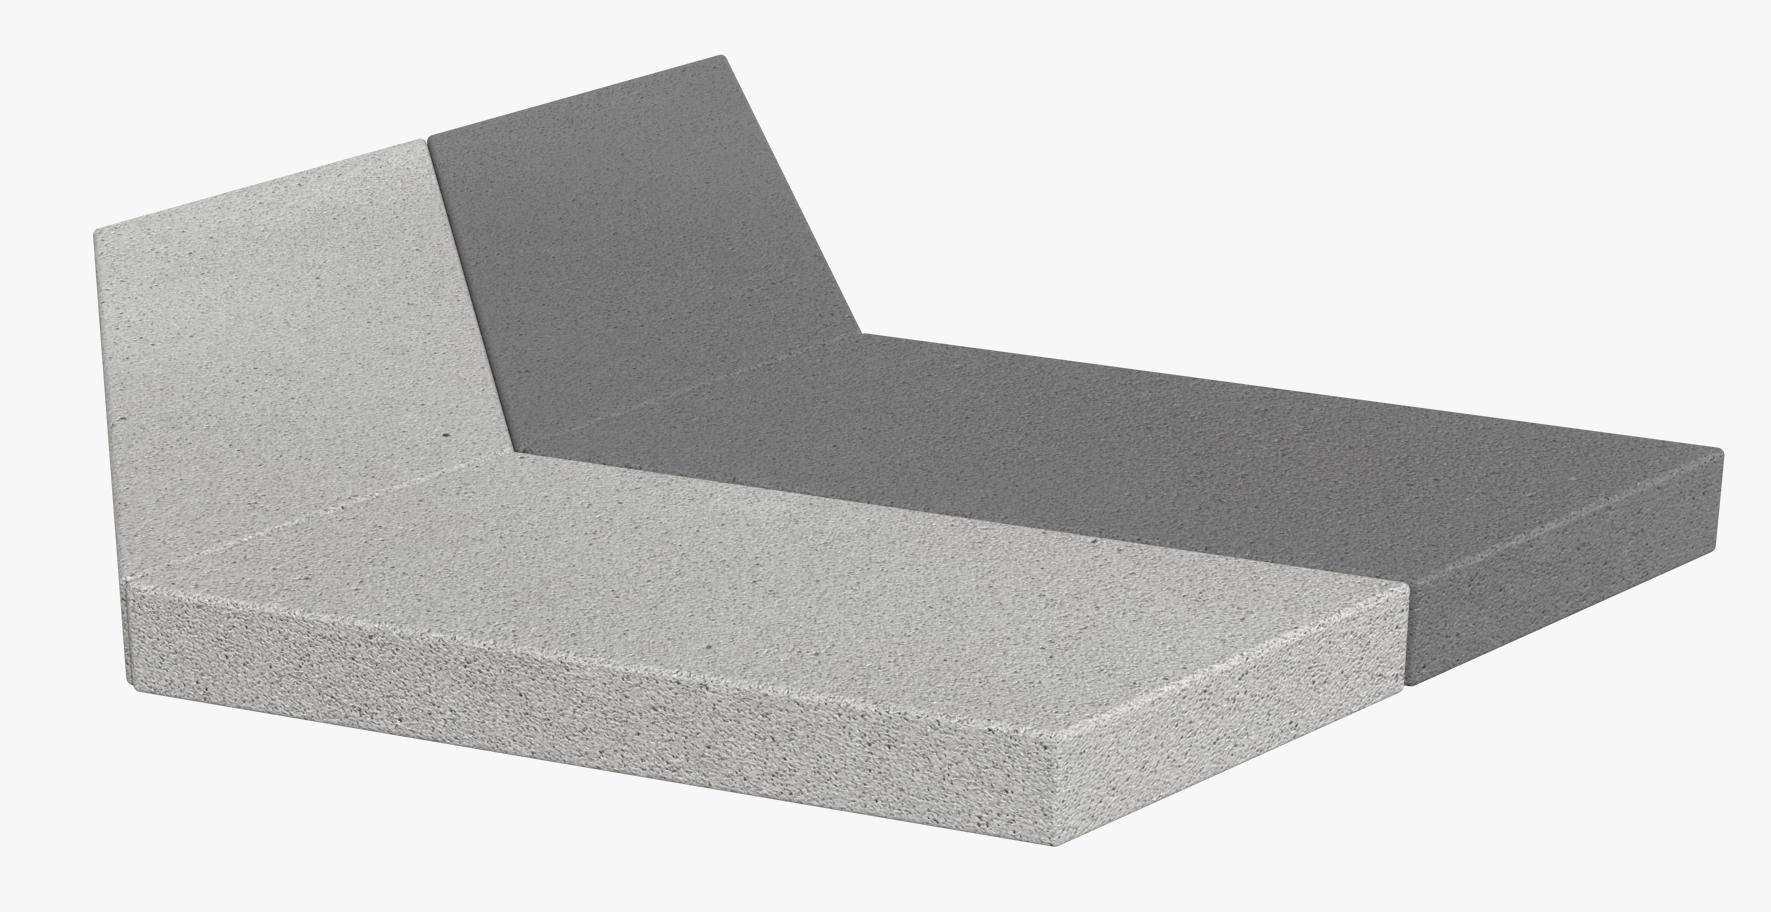 Precast Concrete Paver